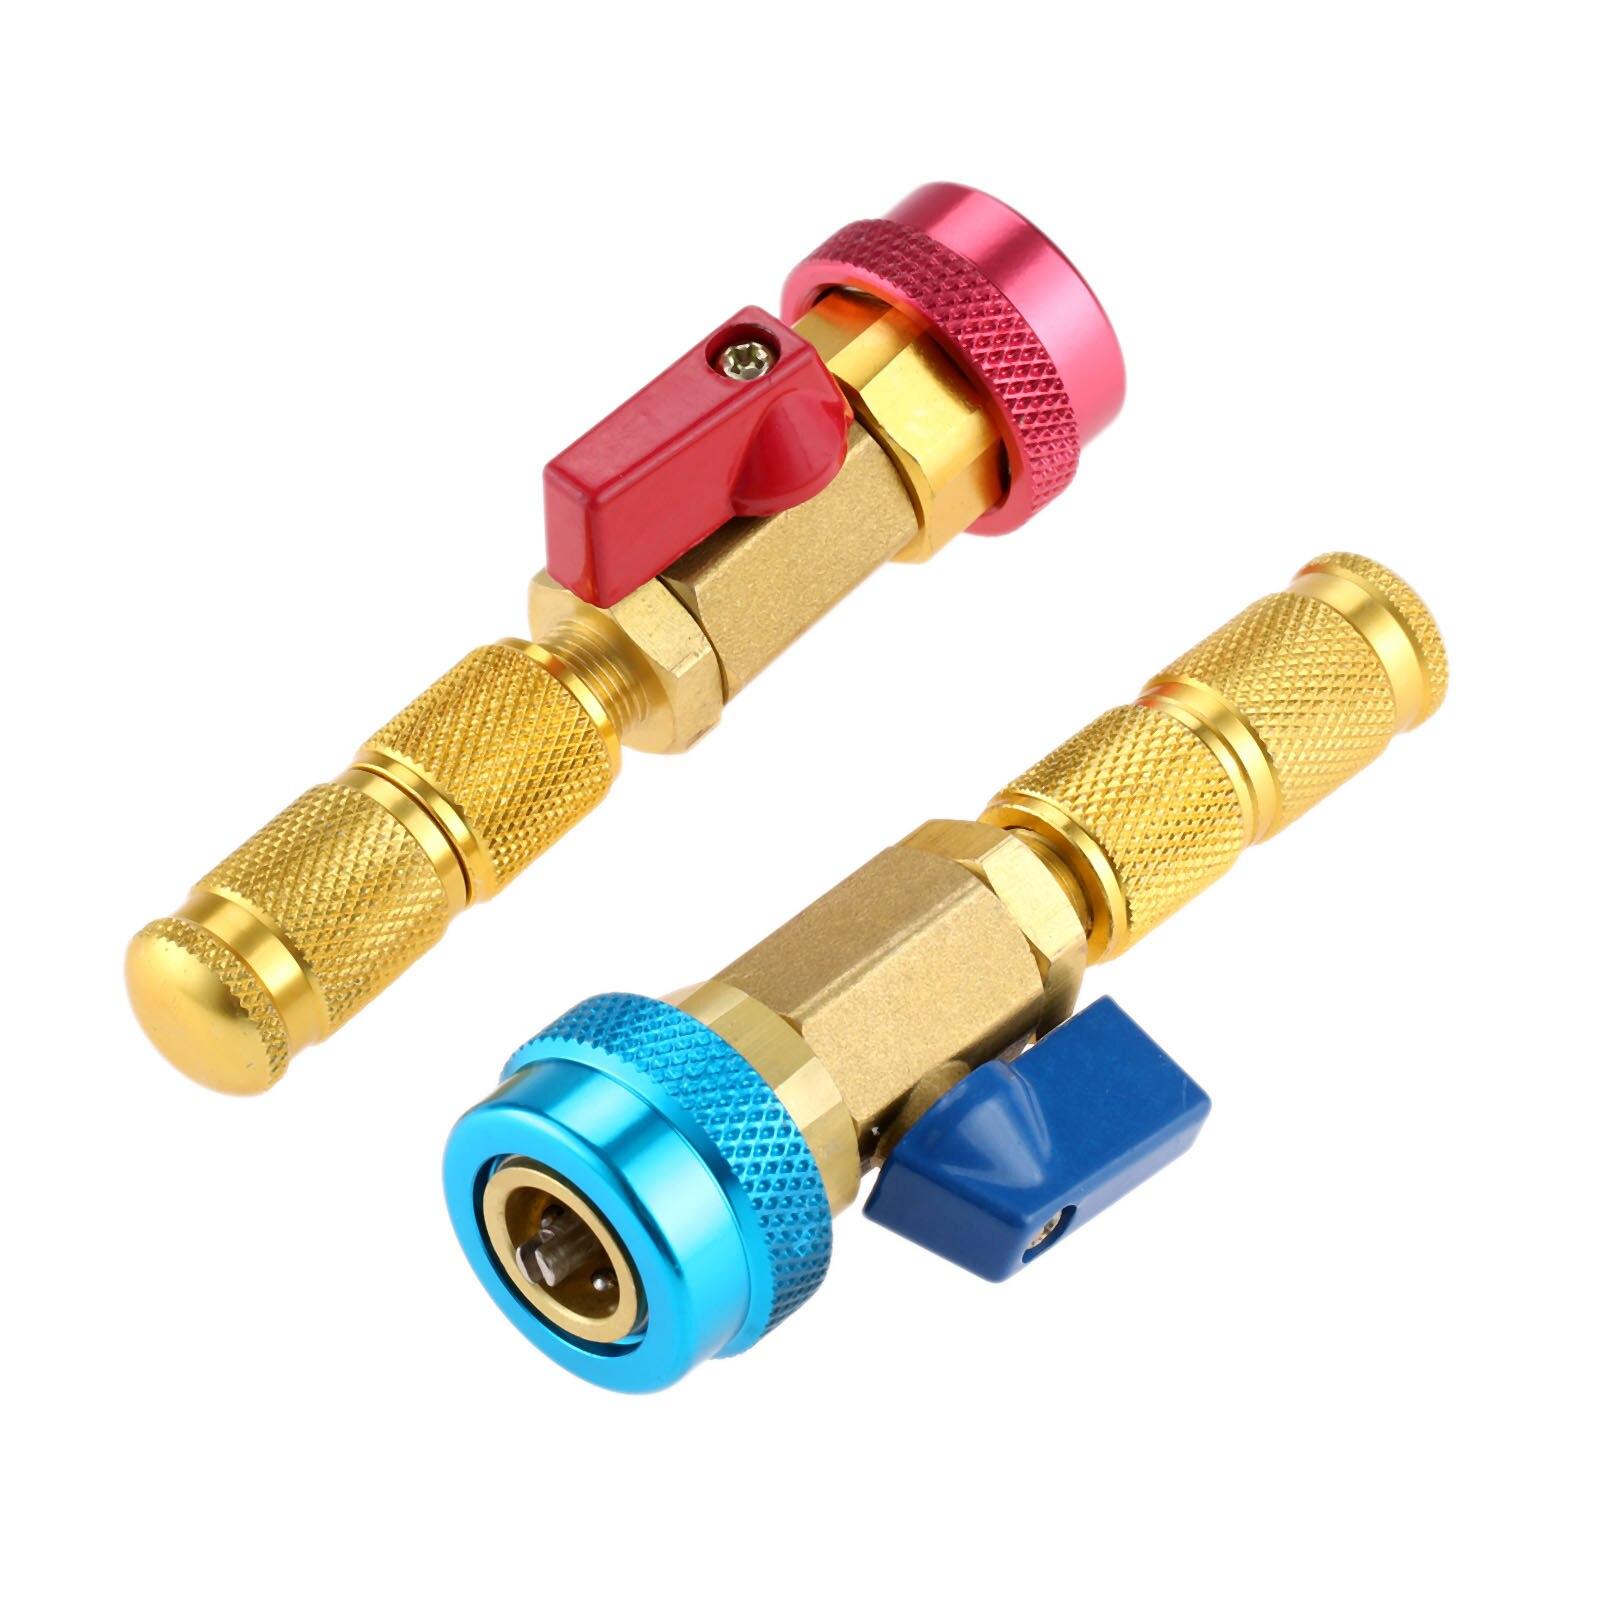 Herramientas de extracción de núcleo de válvula de aire acondicionado R134a R12, kits de adaptadores de freón refrigerante de alta/Baja Presión